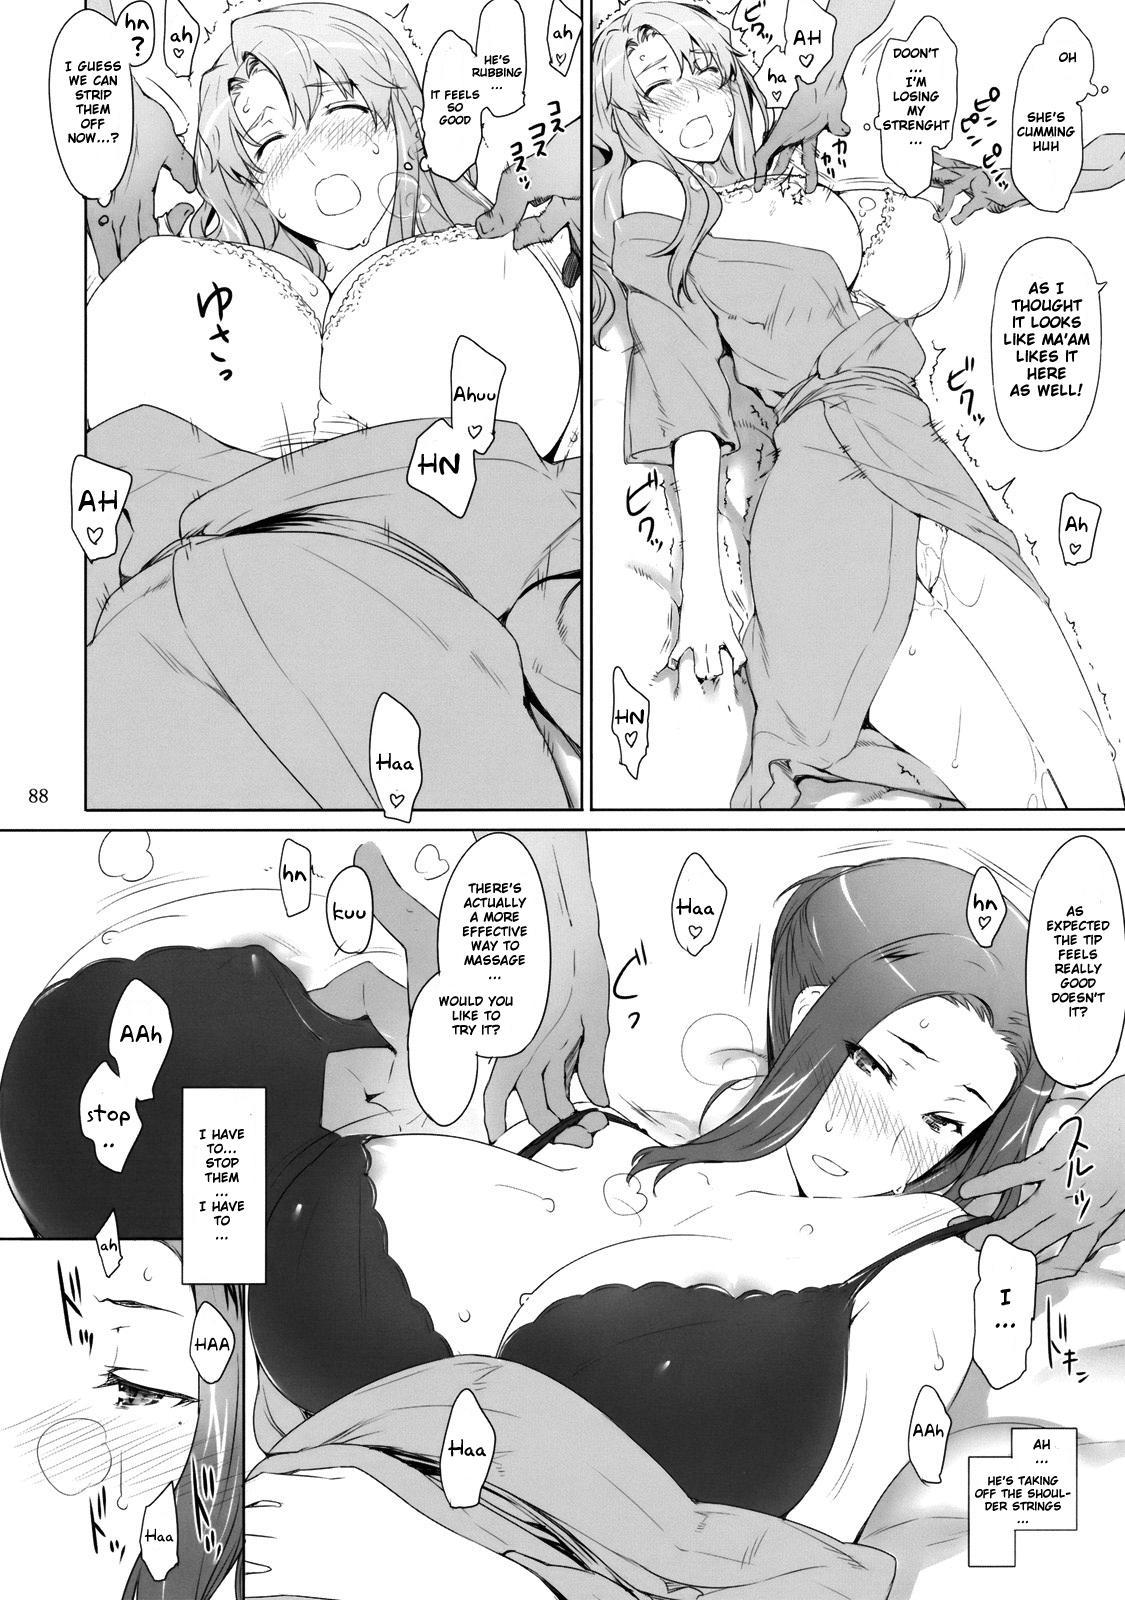 Mtsp - Tachibana-san's Circumstabces WIth a Man 2 36